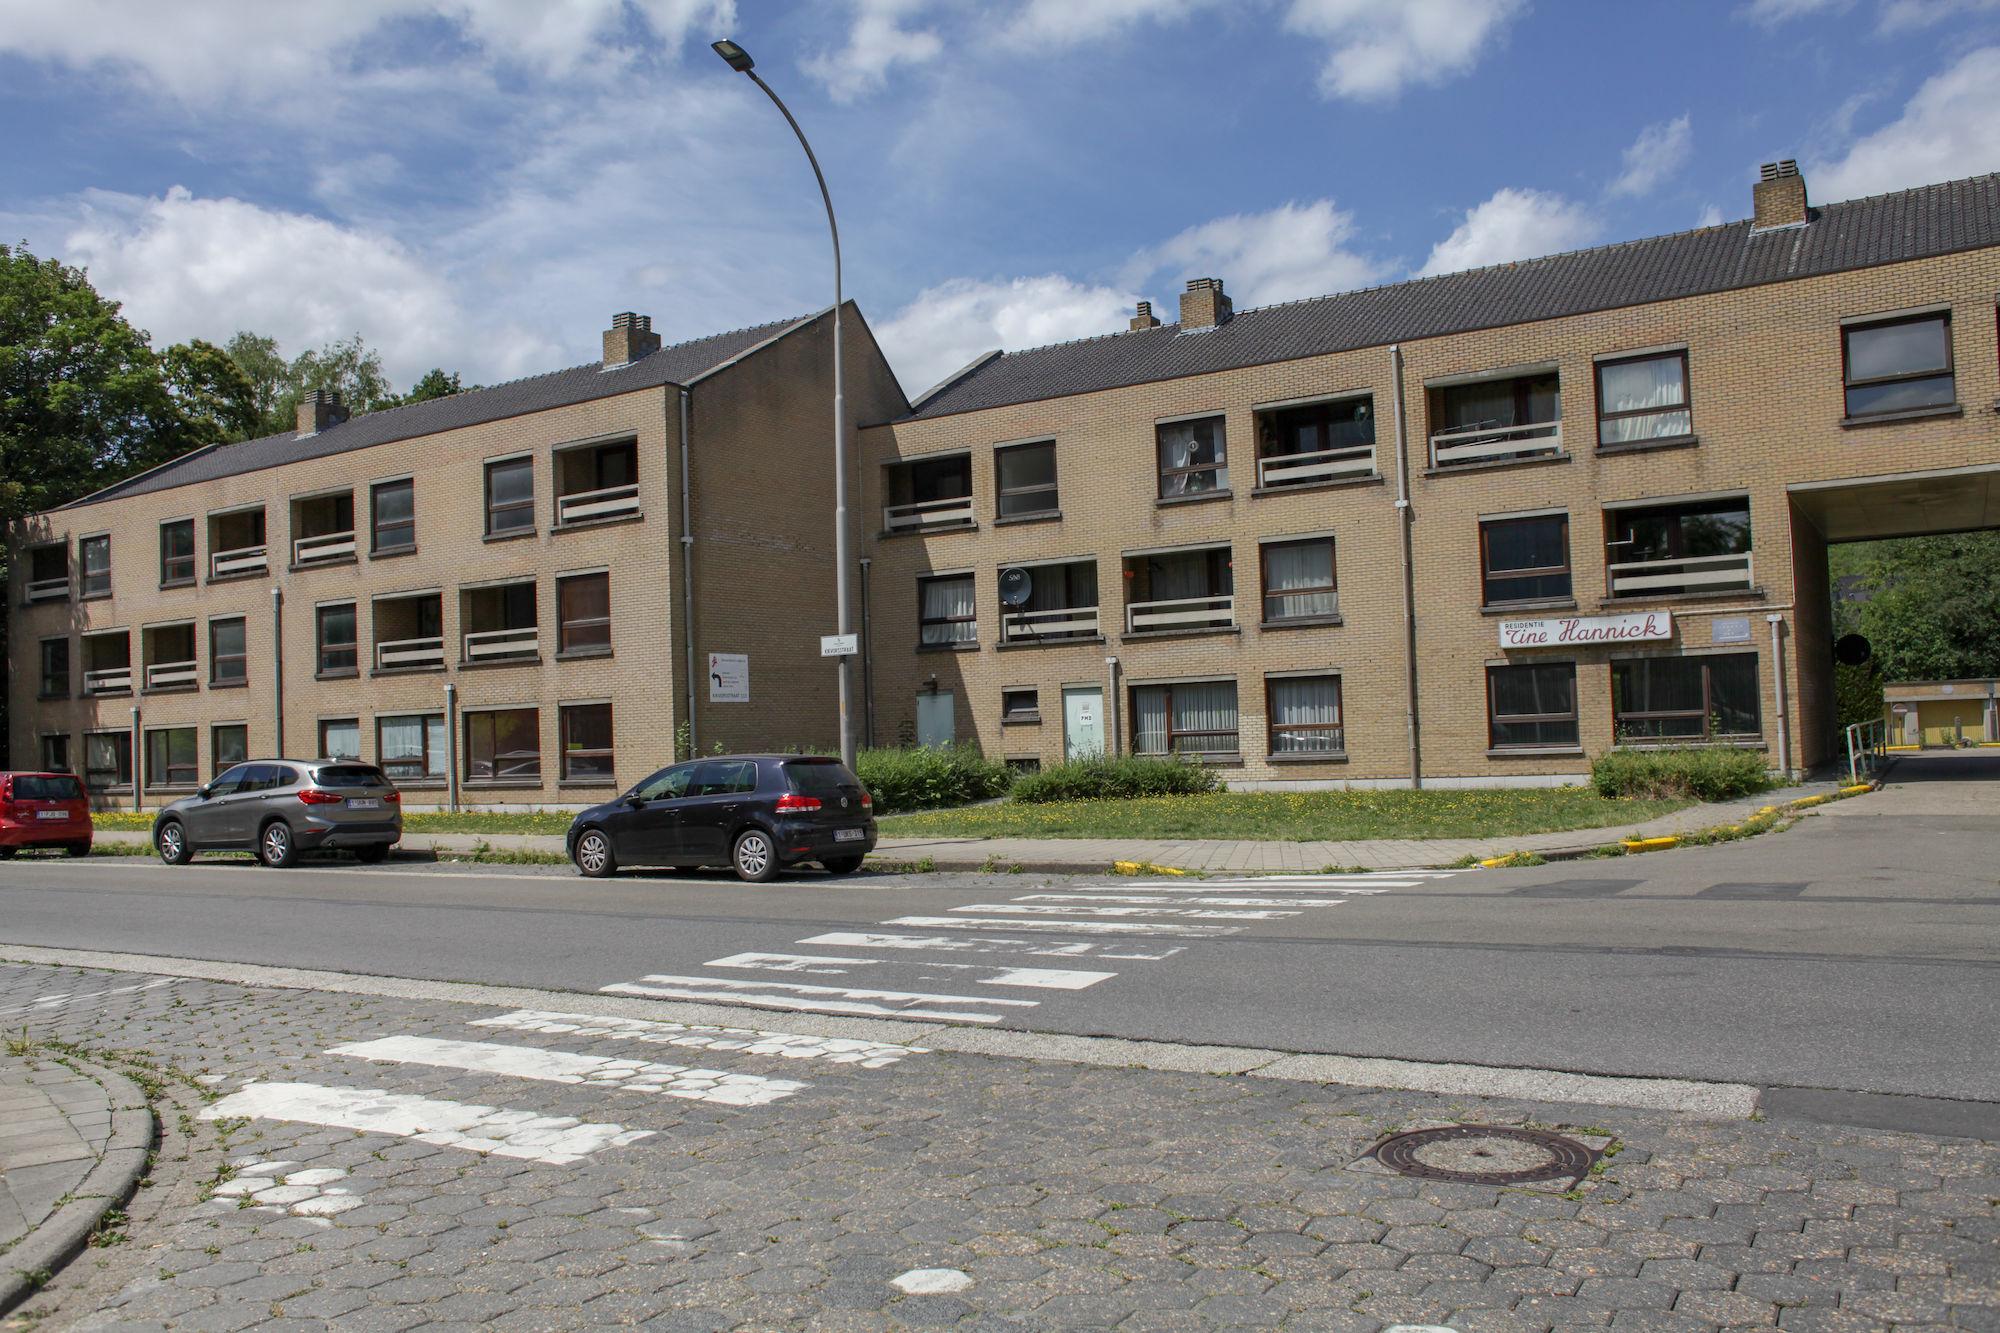 2019-07-01 Nieuw Gent prospectie met Wannes_stadsvernieuwing_IMG_0174-3.jpg